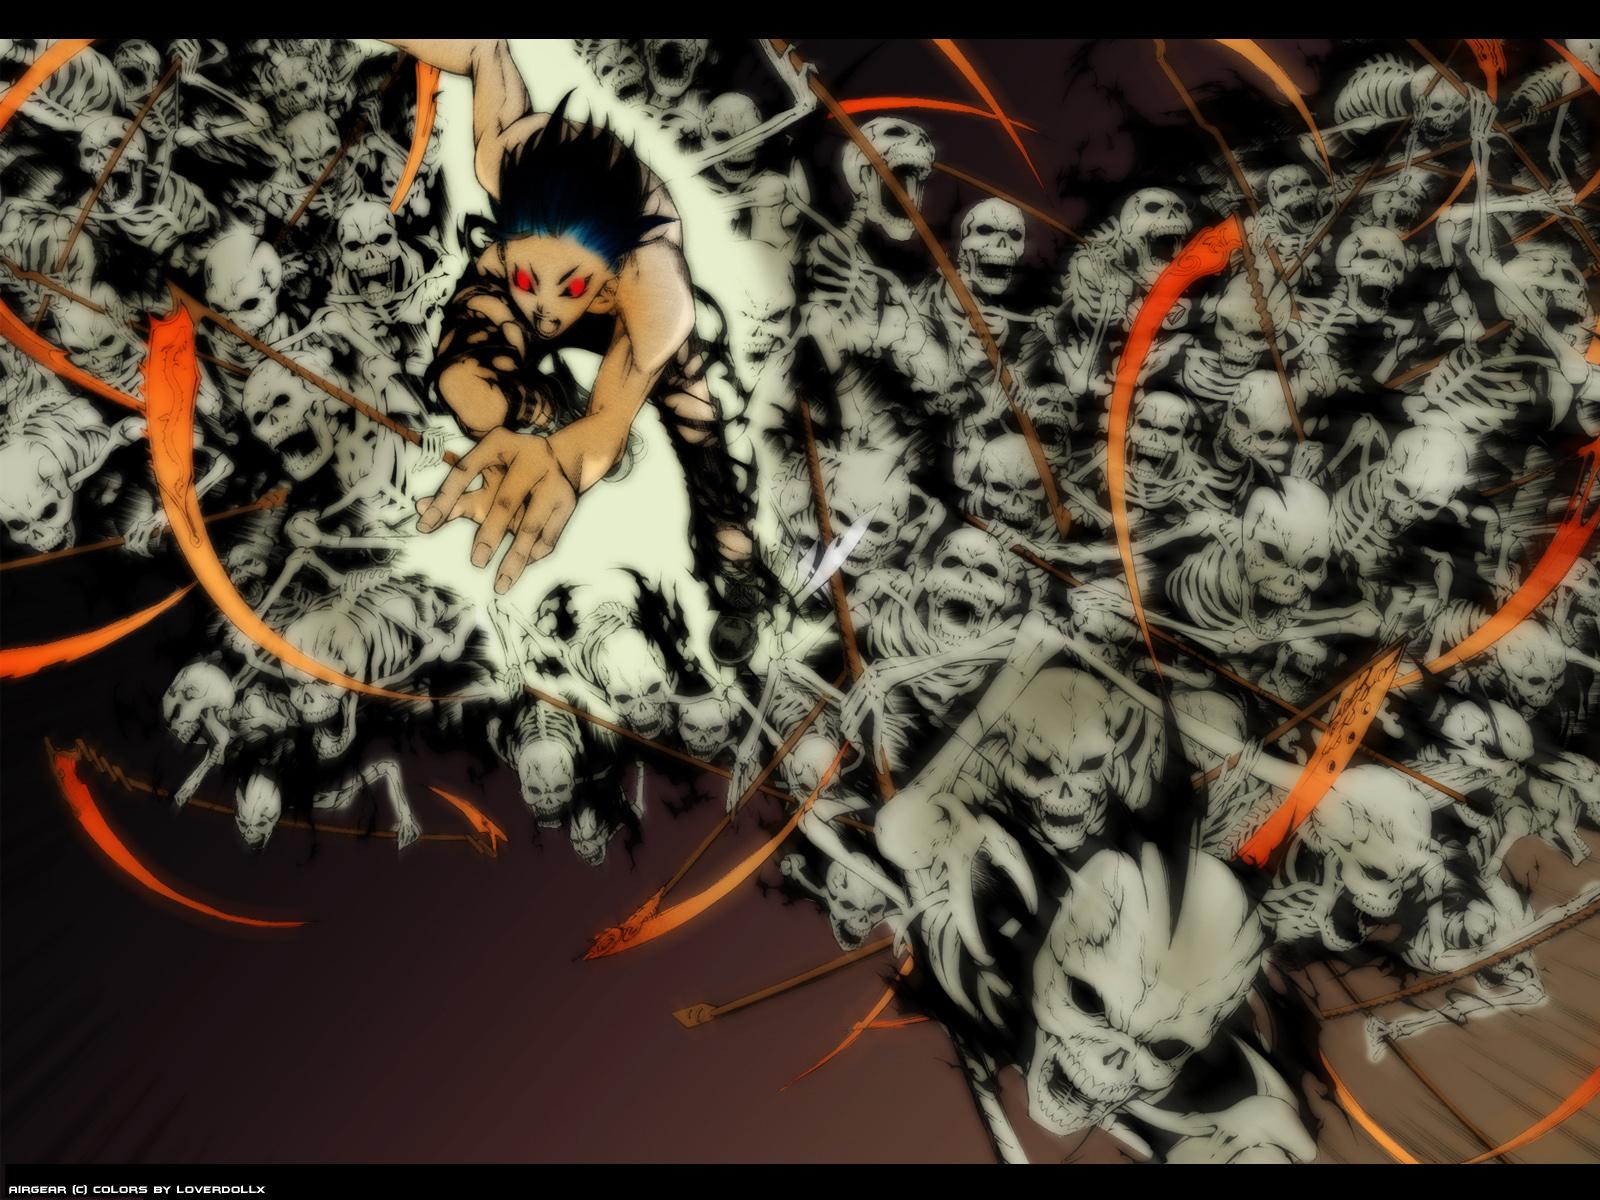 air gear computer wallpapers desktop backgrounds